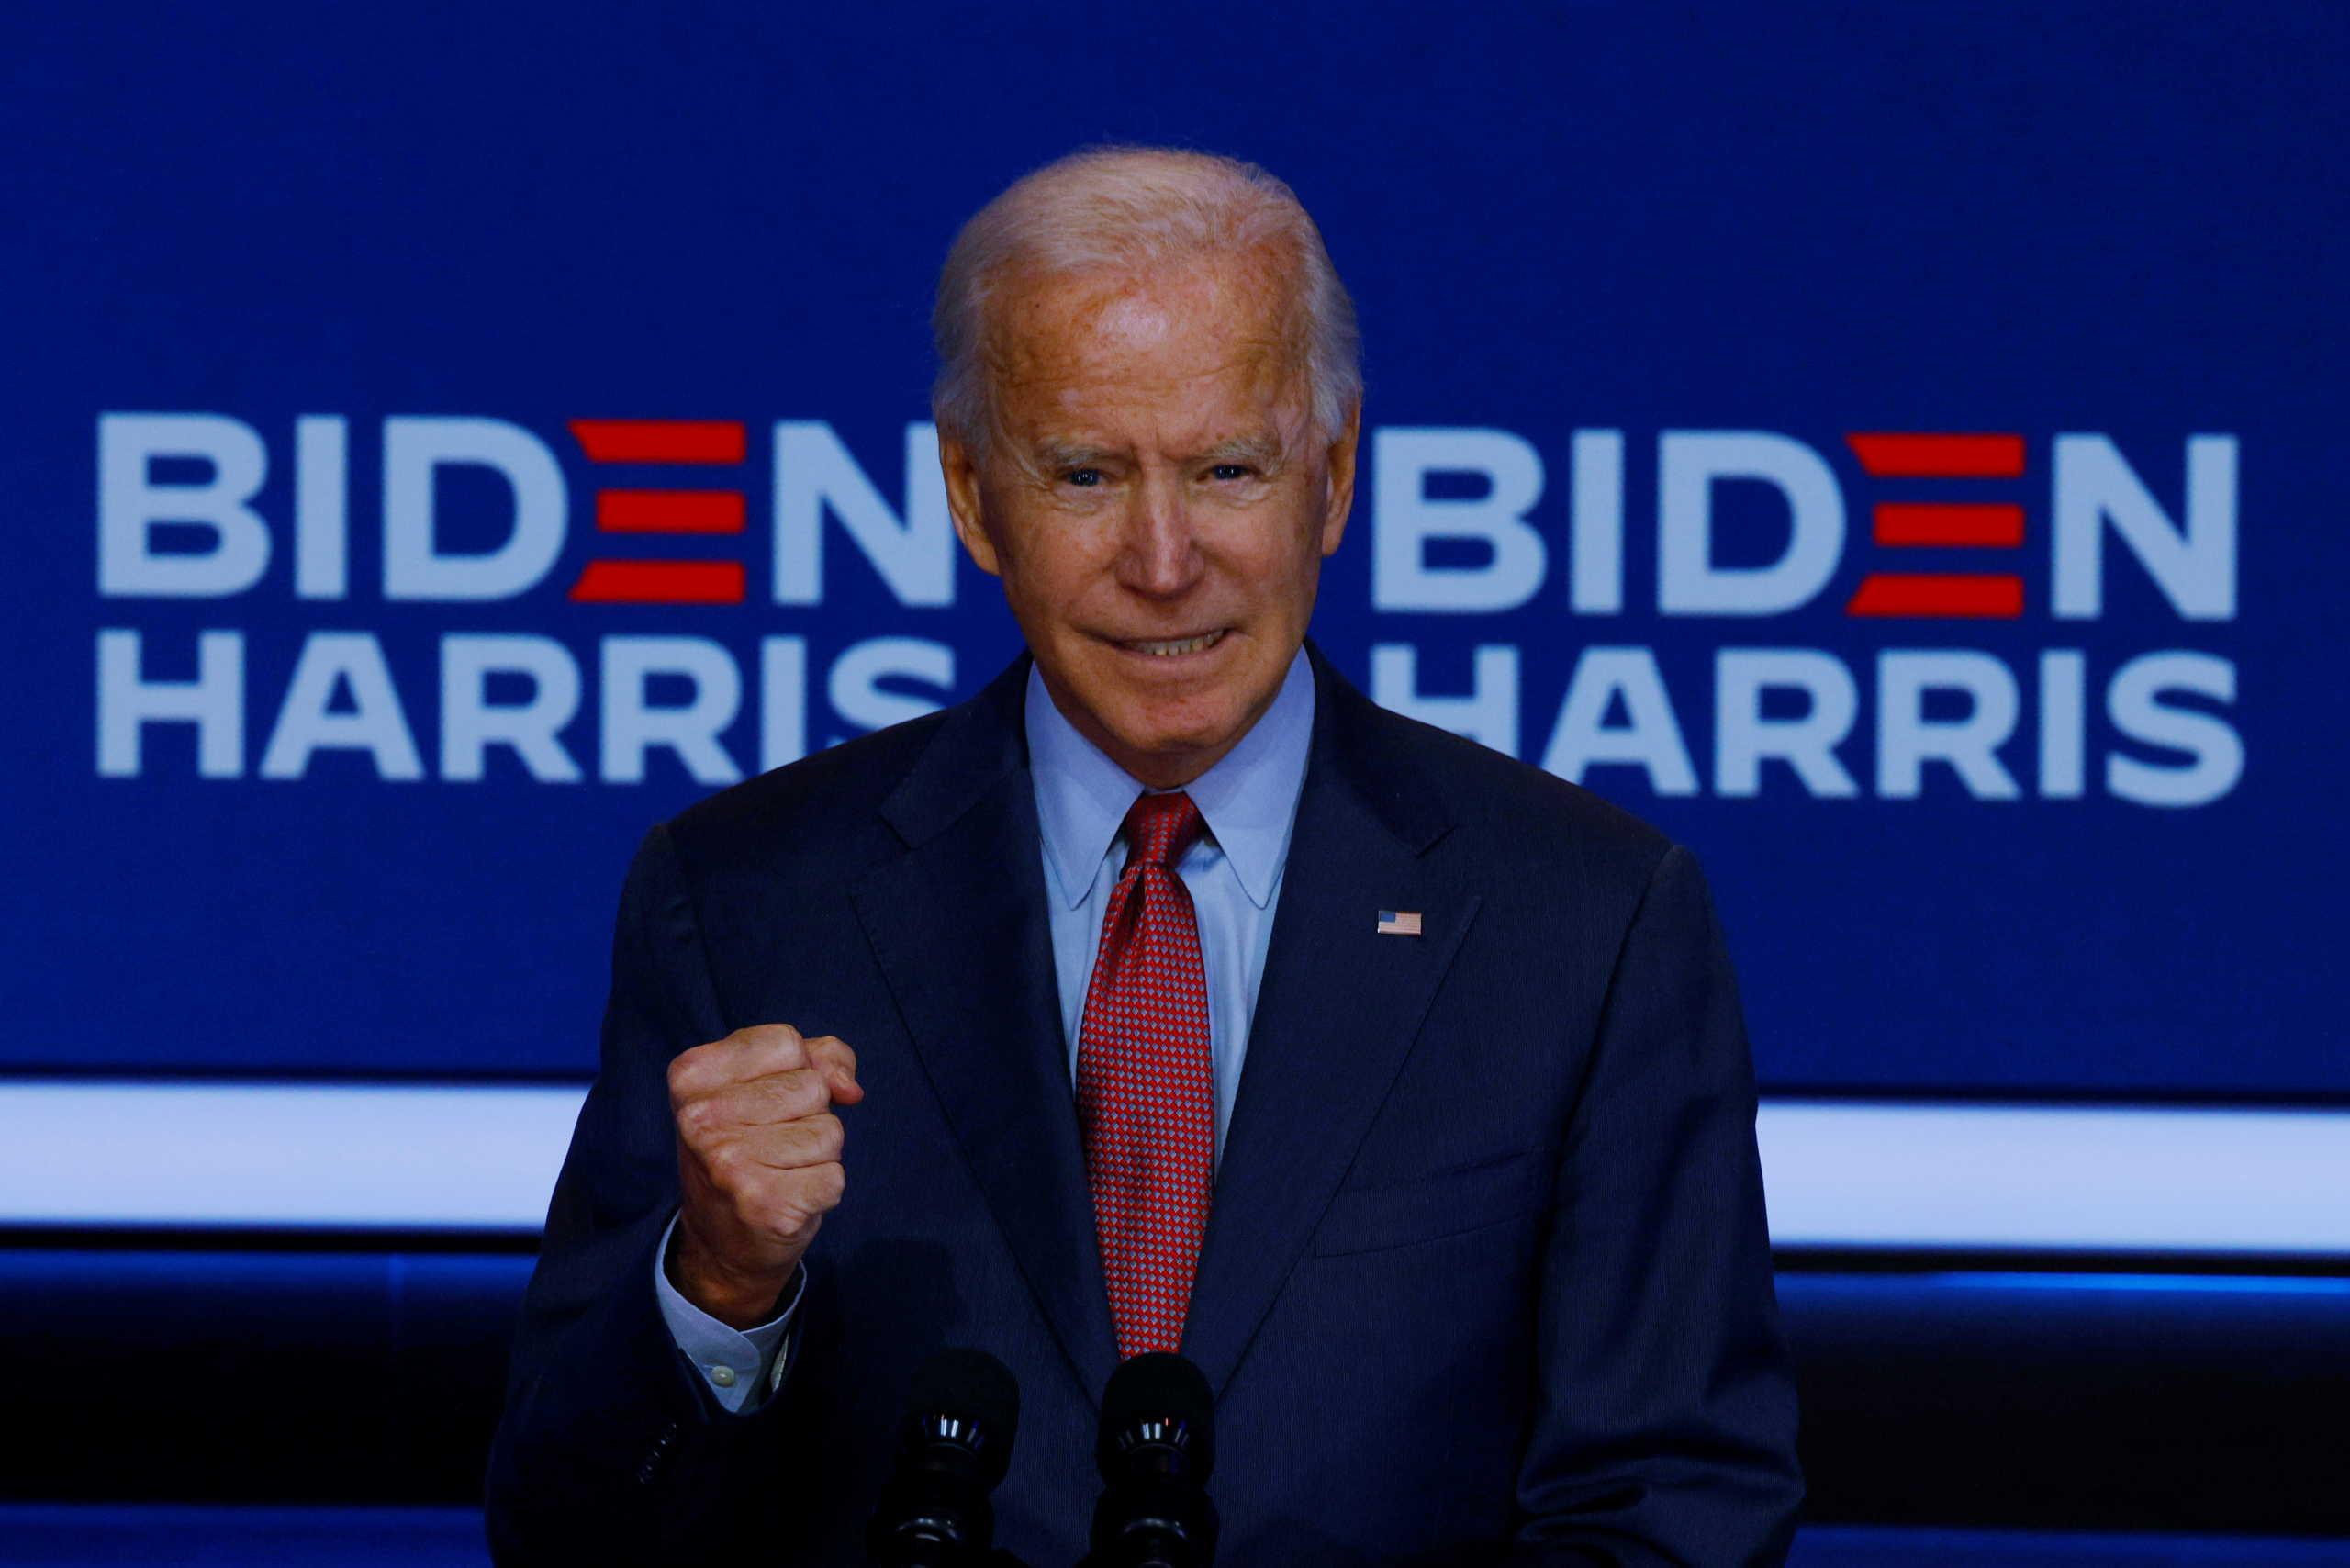 Αμερικανικές εκλογές 2020: Ο  Μπάιντεν ψήφισε στο Ντέλαγουερ – Με Ομπάμα μαζί για 1η φορά σε προεκλογική συγκέντρωση